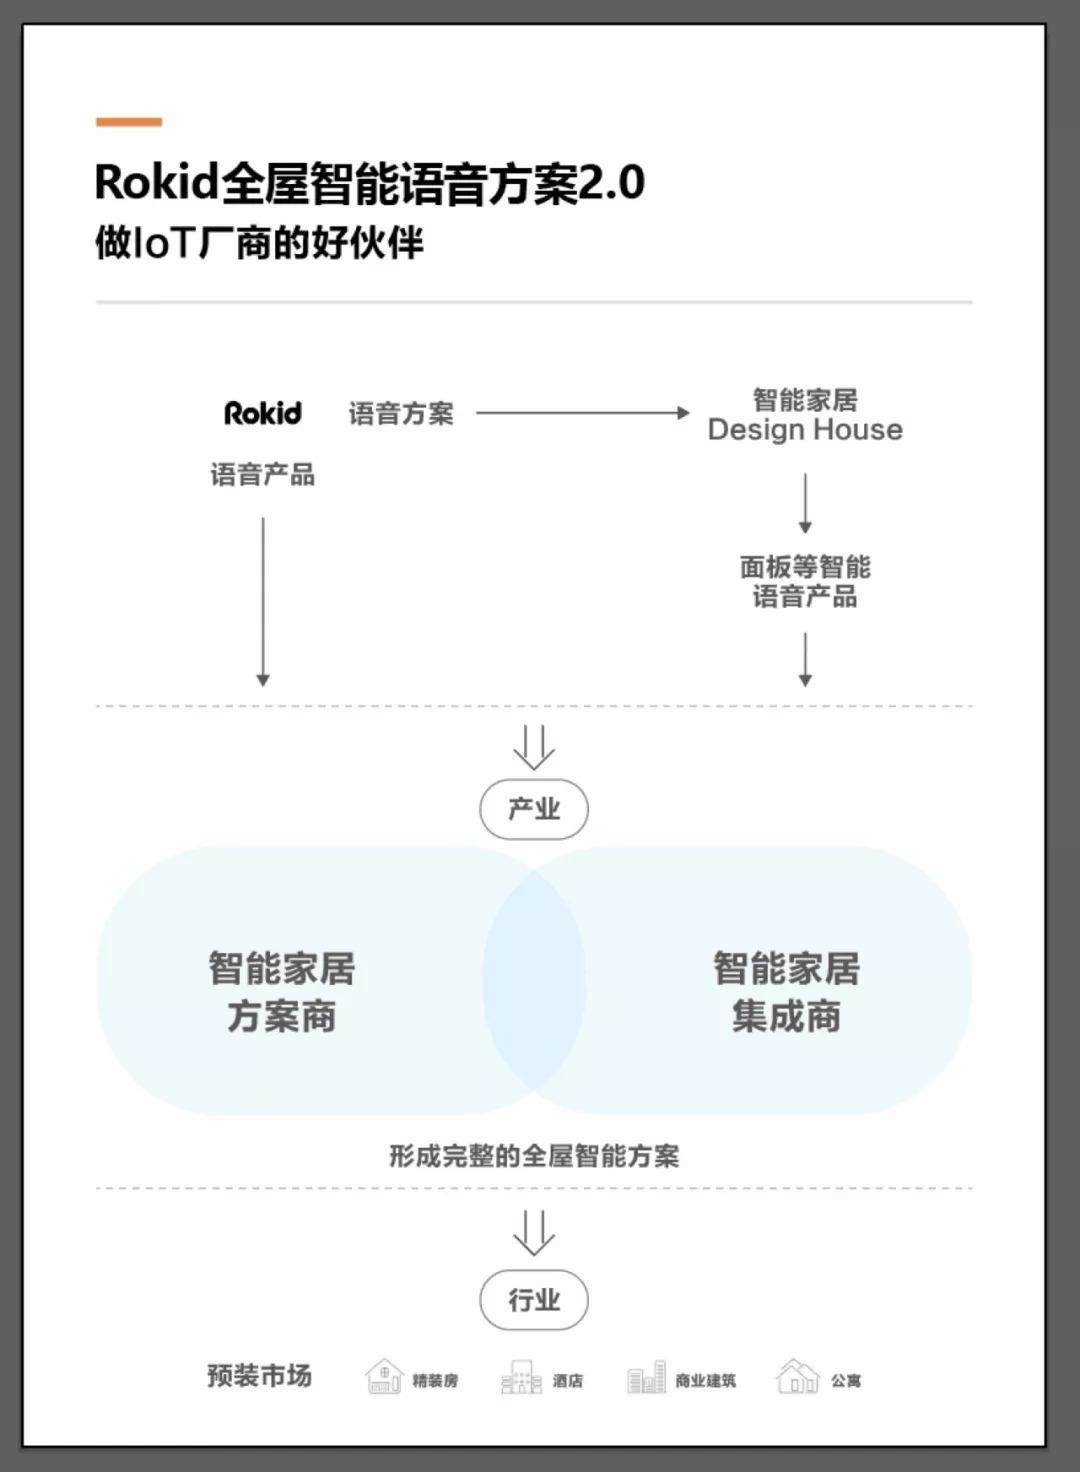 SSHT落幕Rokid跟IoT好伙伴继续前行_云南11选5